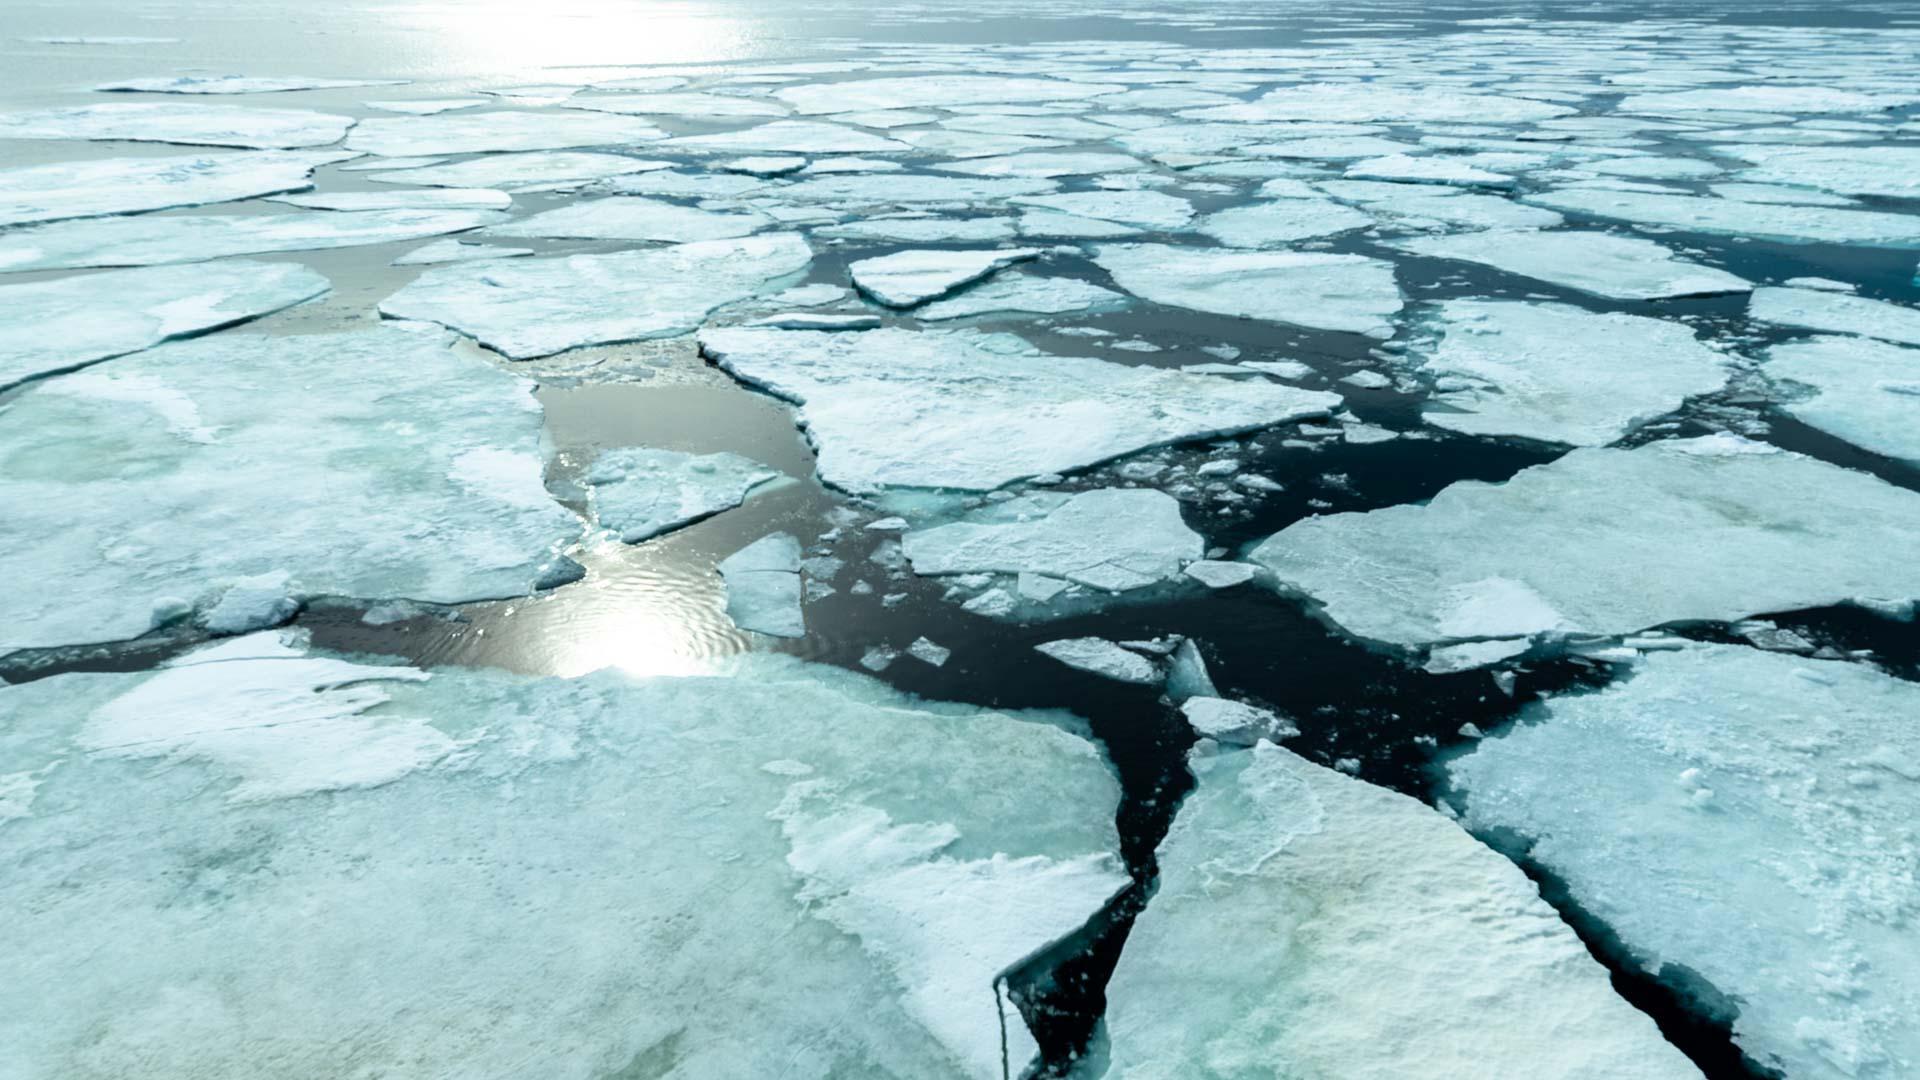 Weddell Sea. Carpe diem